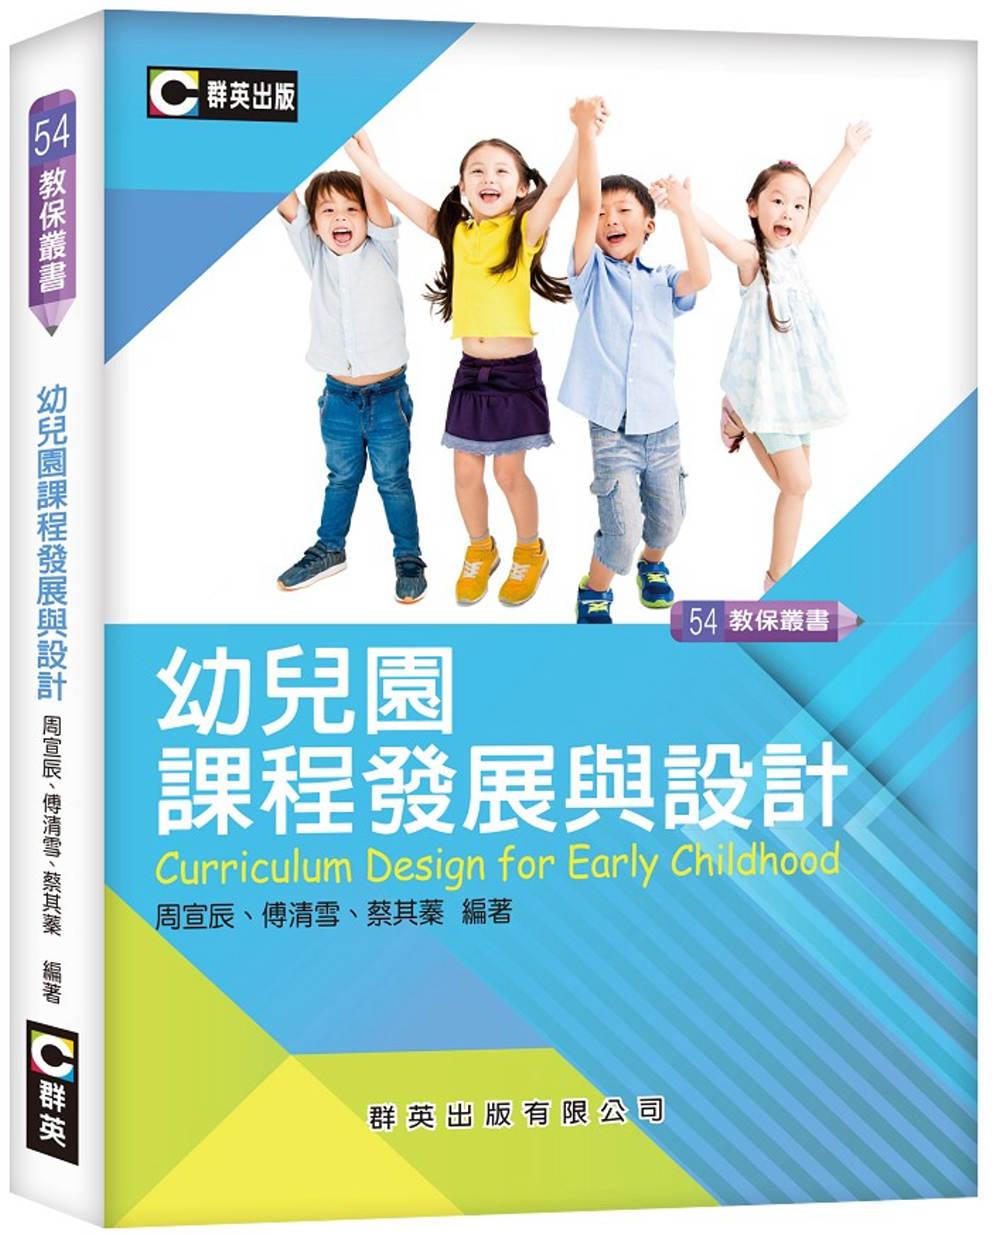 幼兒園課程發展與設計